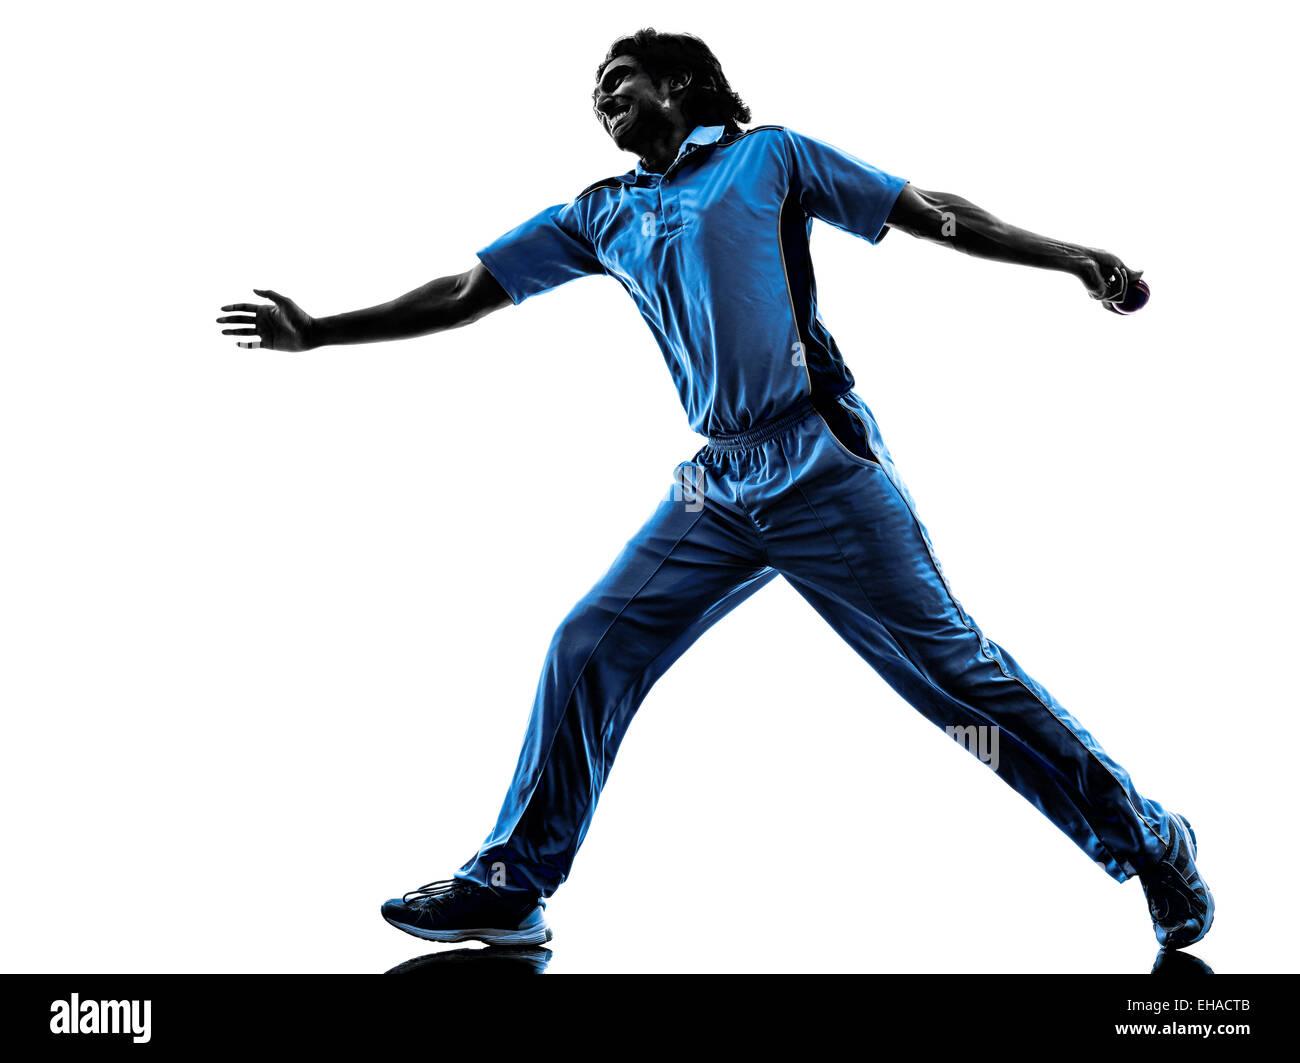 Brocca giocatore di cricket in silhouette ombra su sfondo bianco Immagini Stock